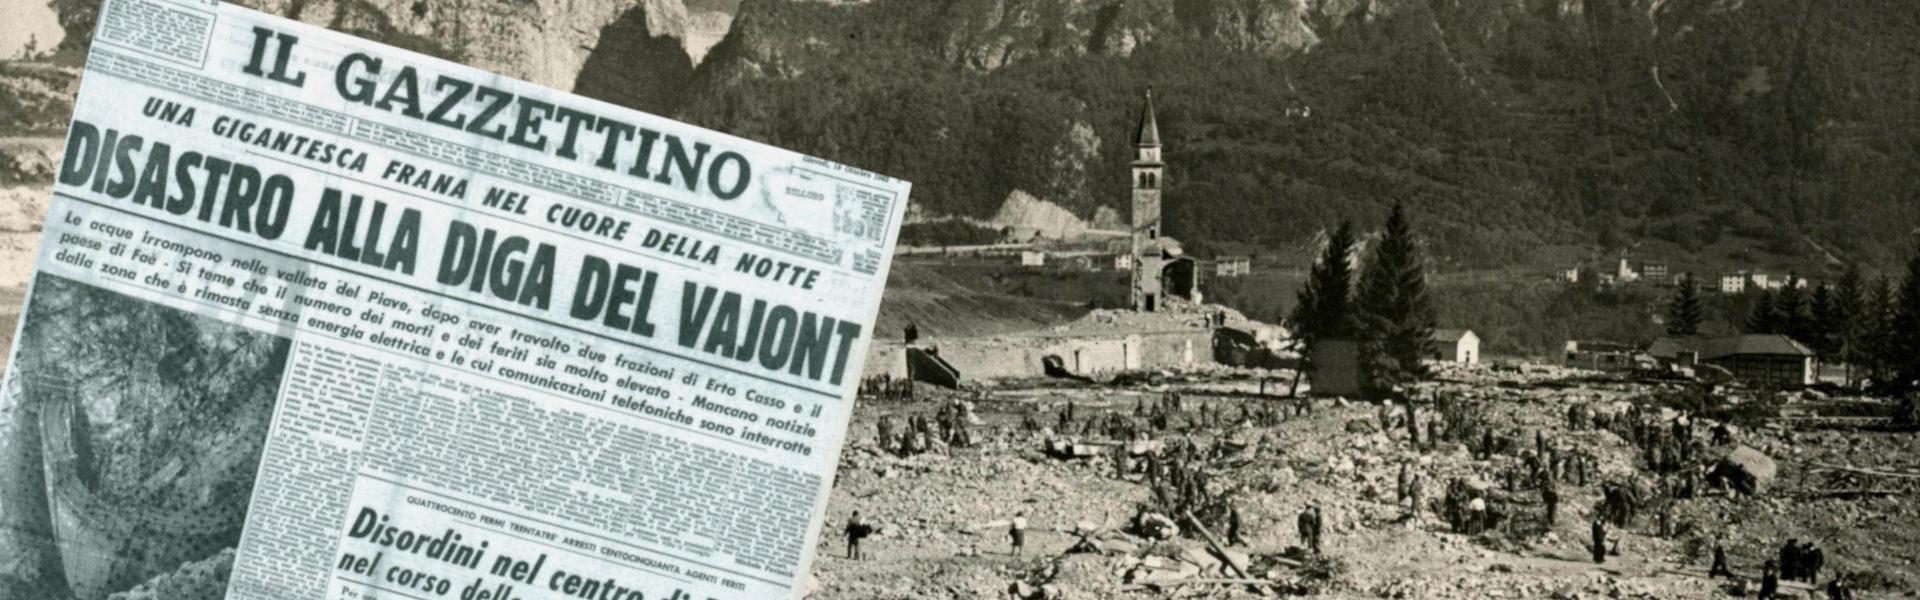 9 Ottobre 1963 – Il disastro del Vajont